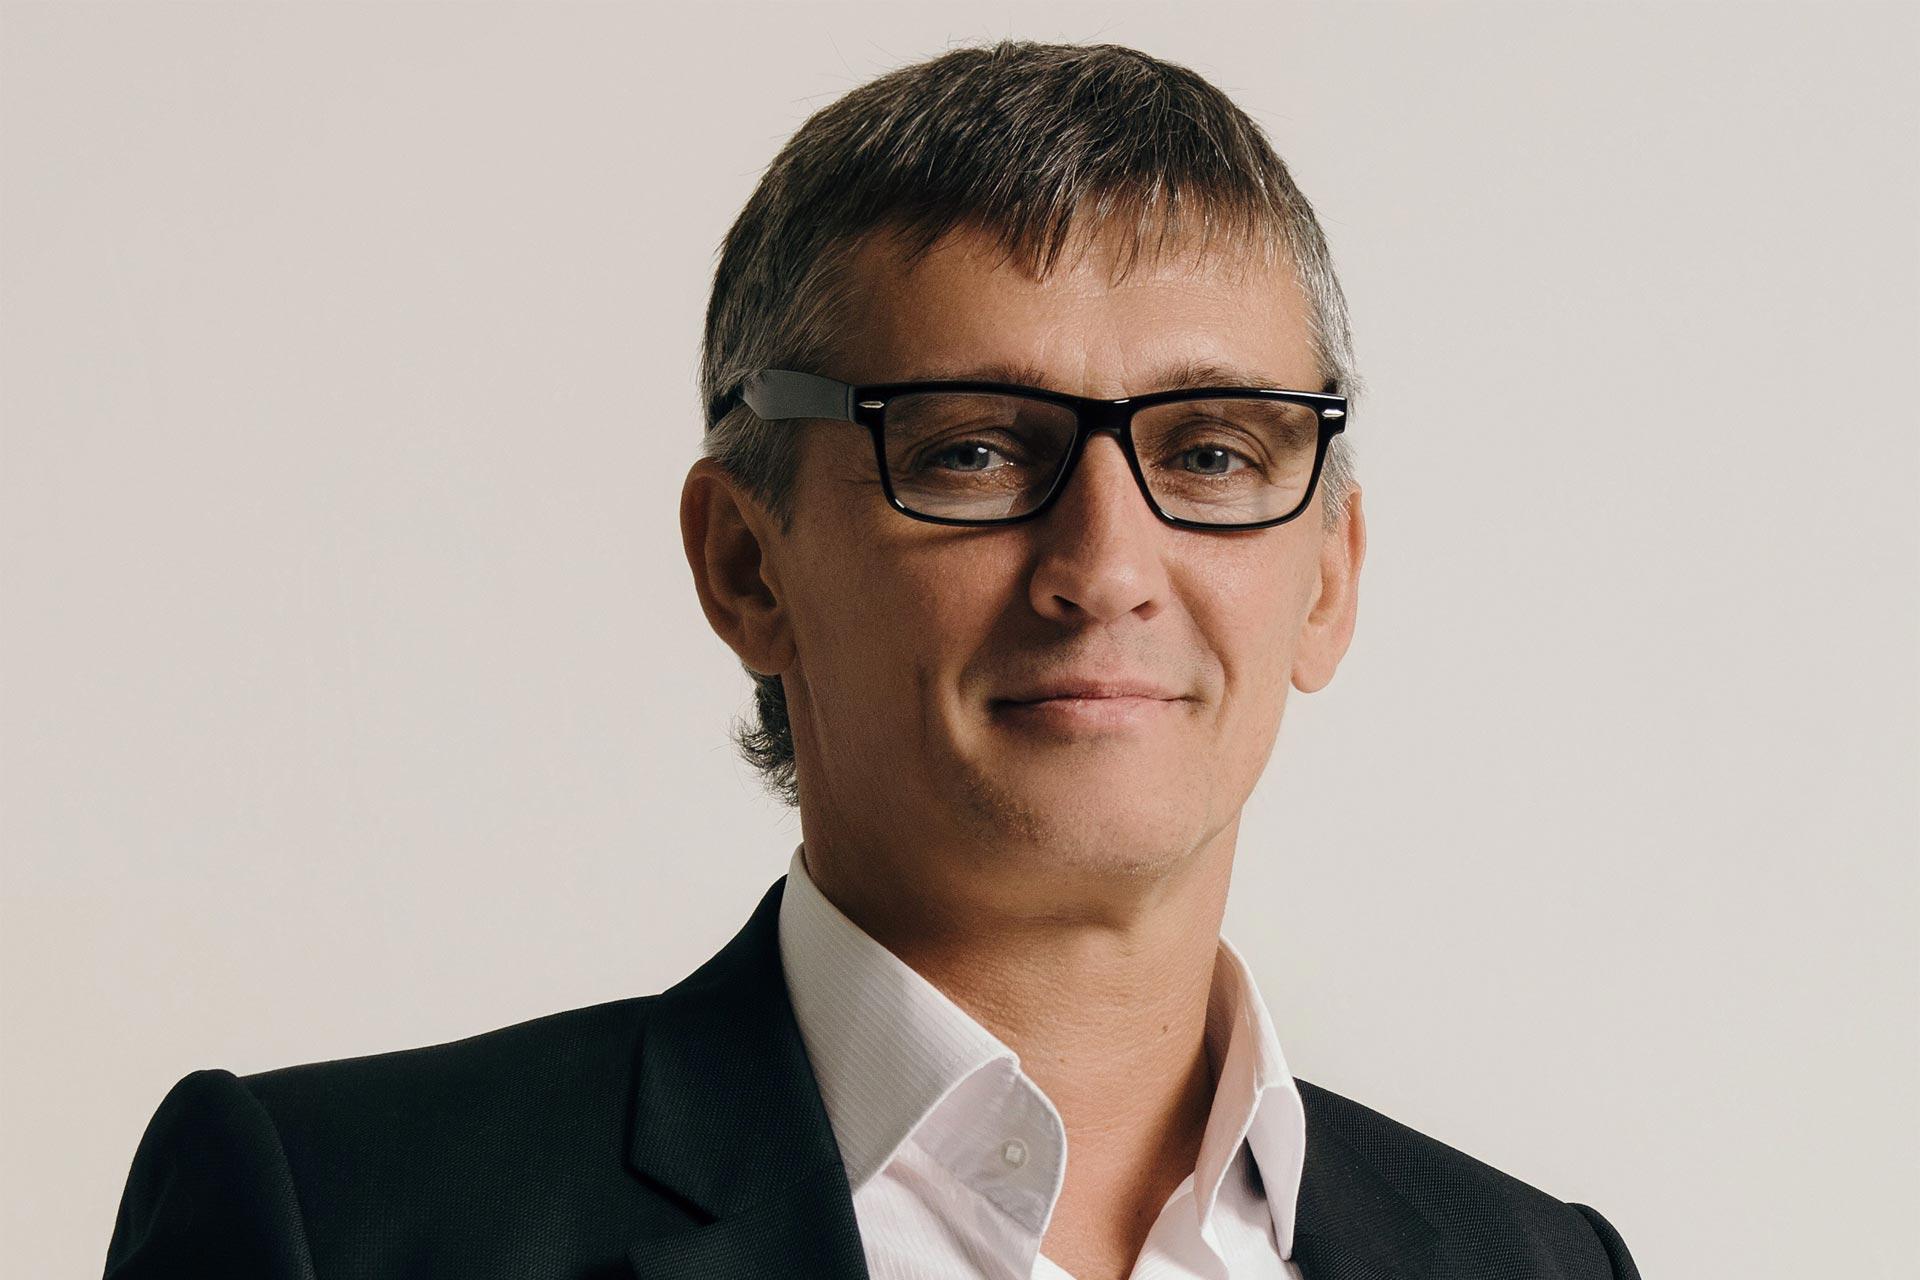 Марат Хайруллин (Санкт-Петербург), руководитель компании Технологии лидерства